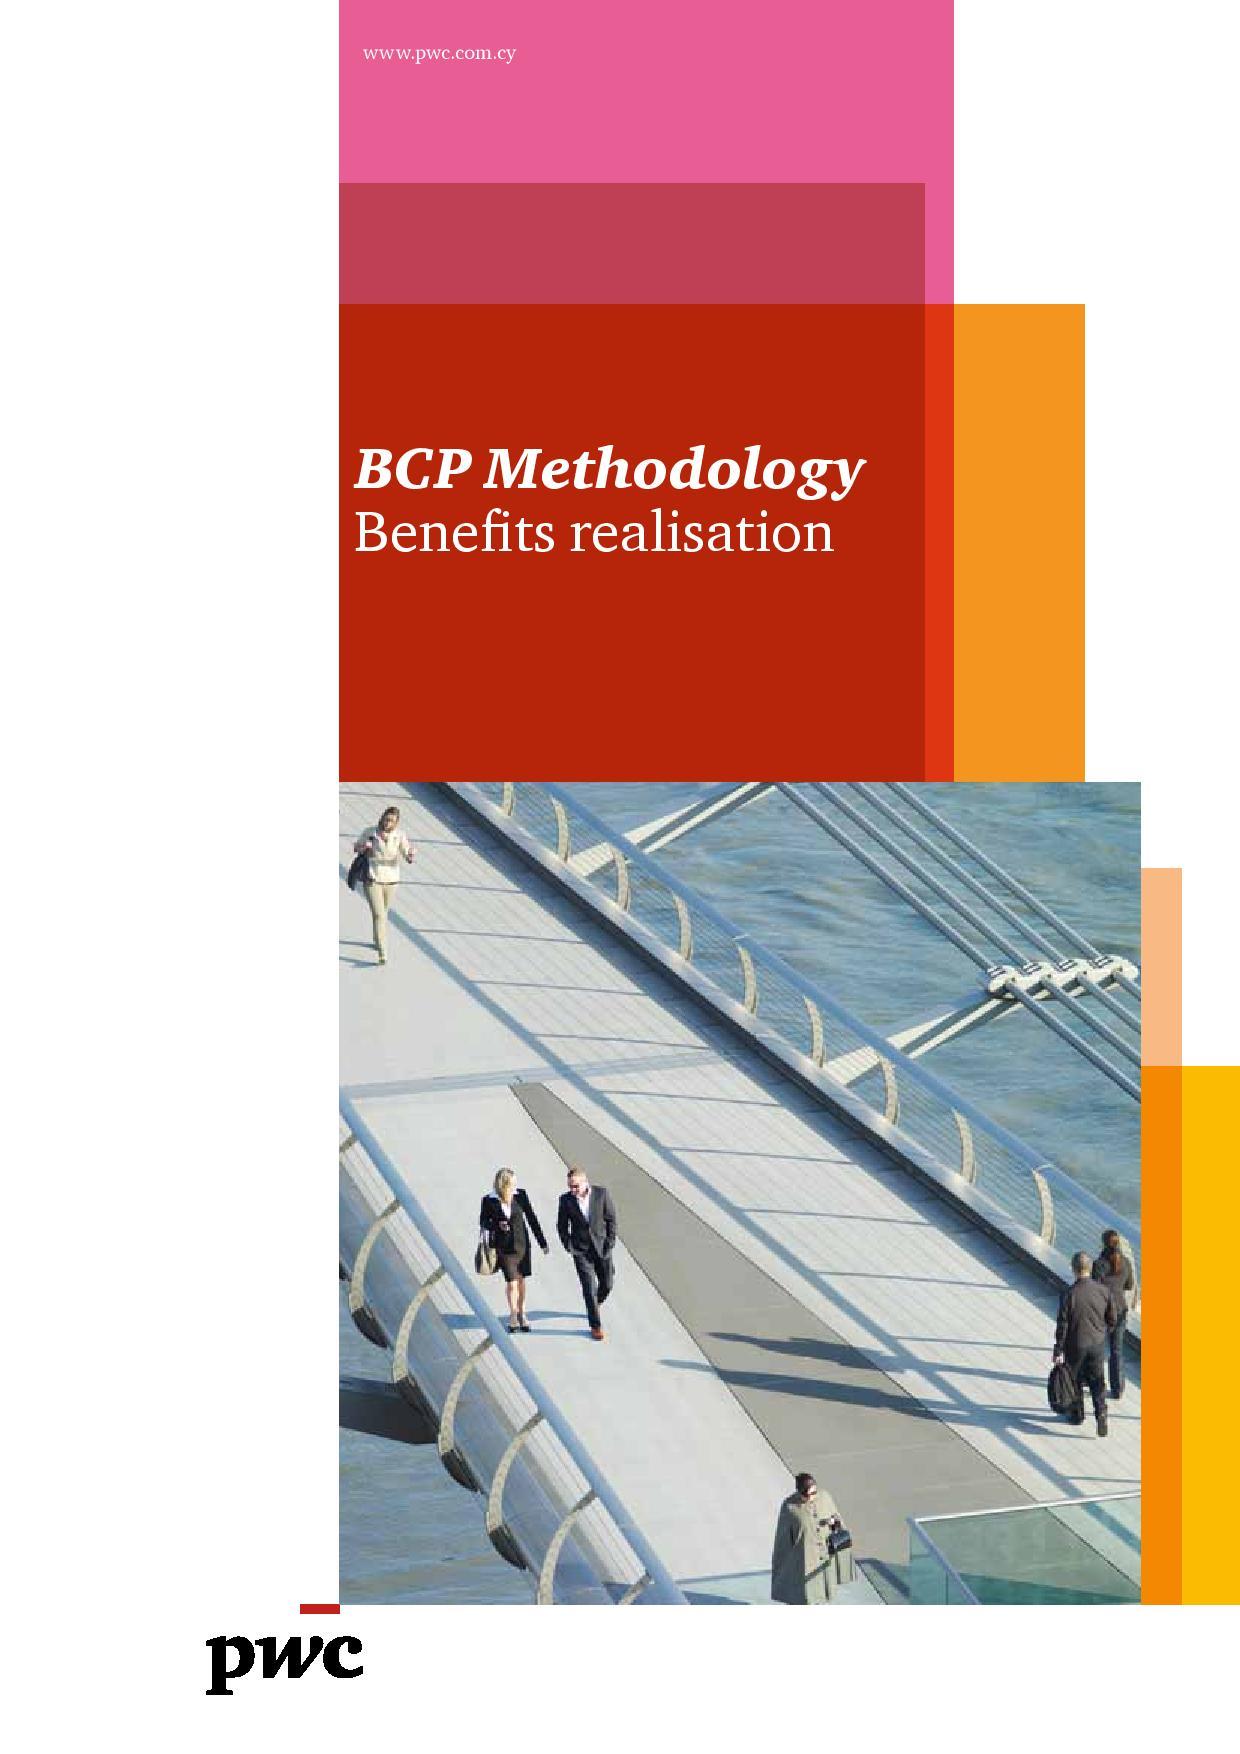 BCP Methodology Benefits realisation - January 2013